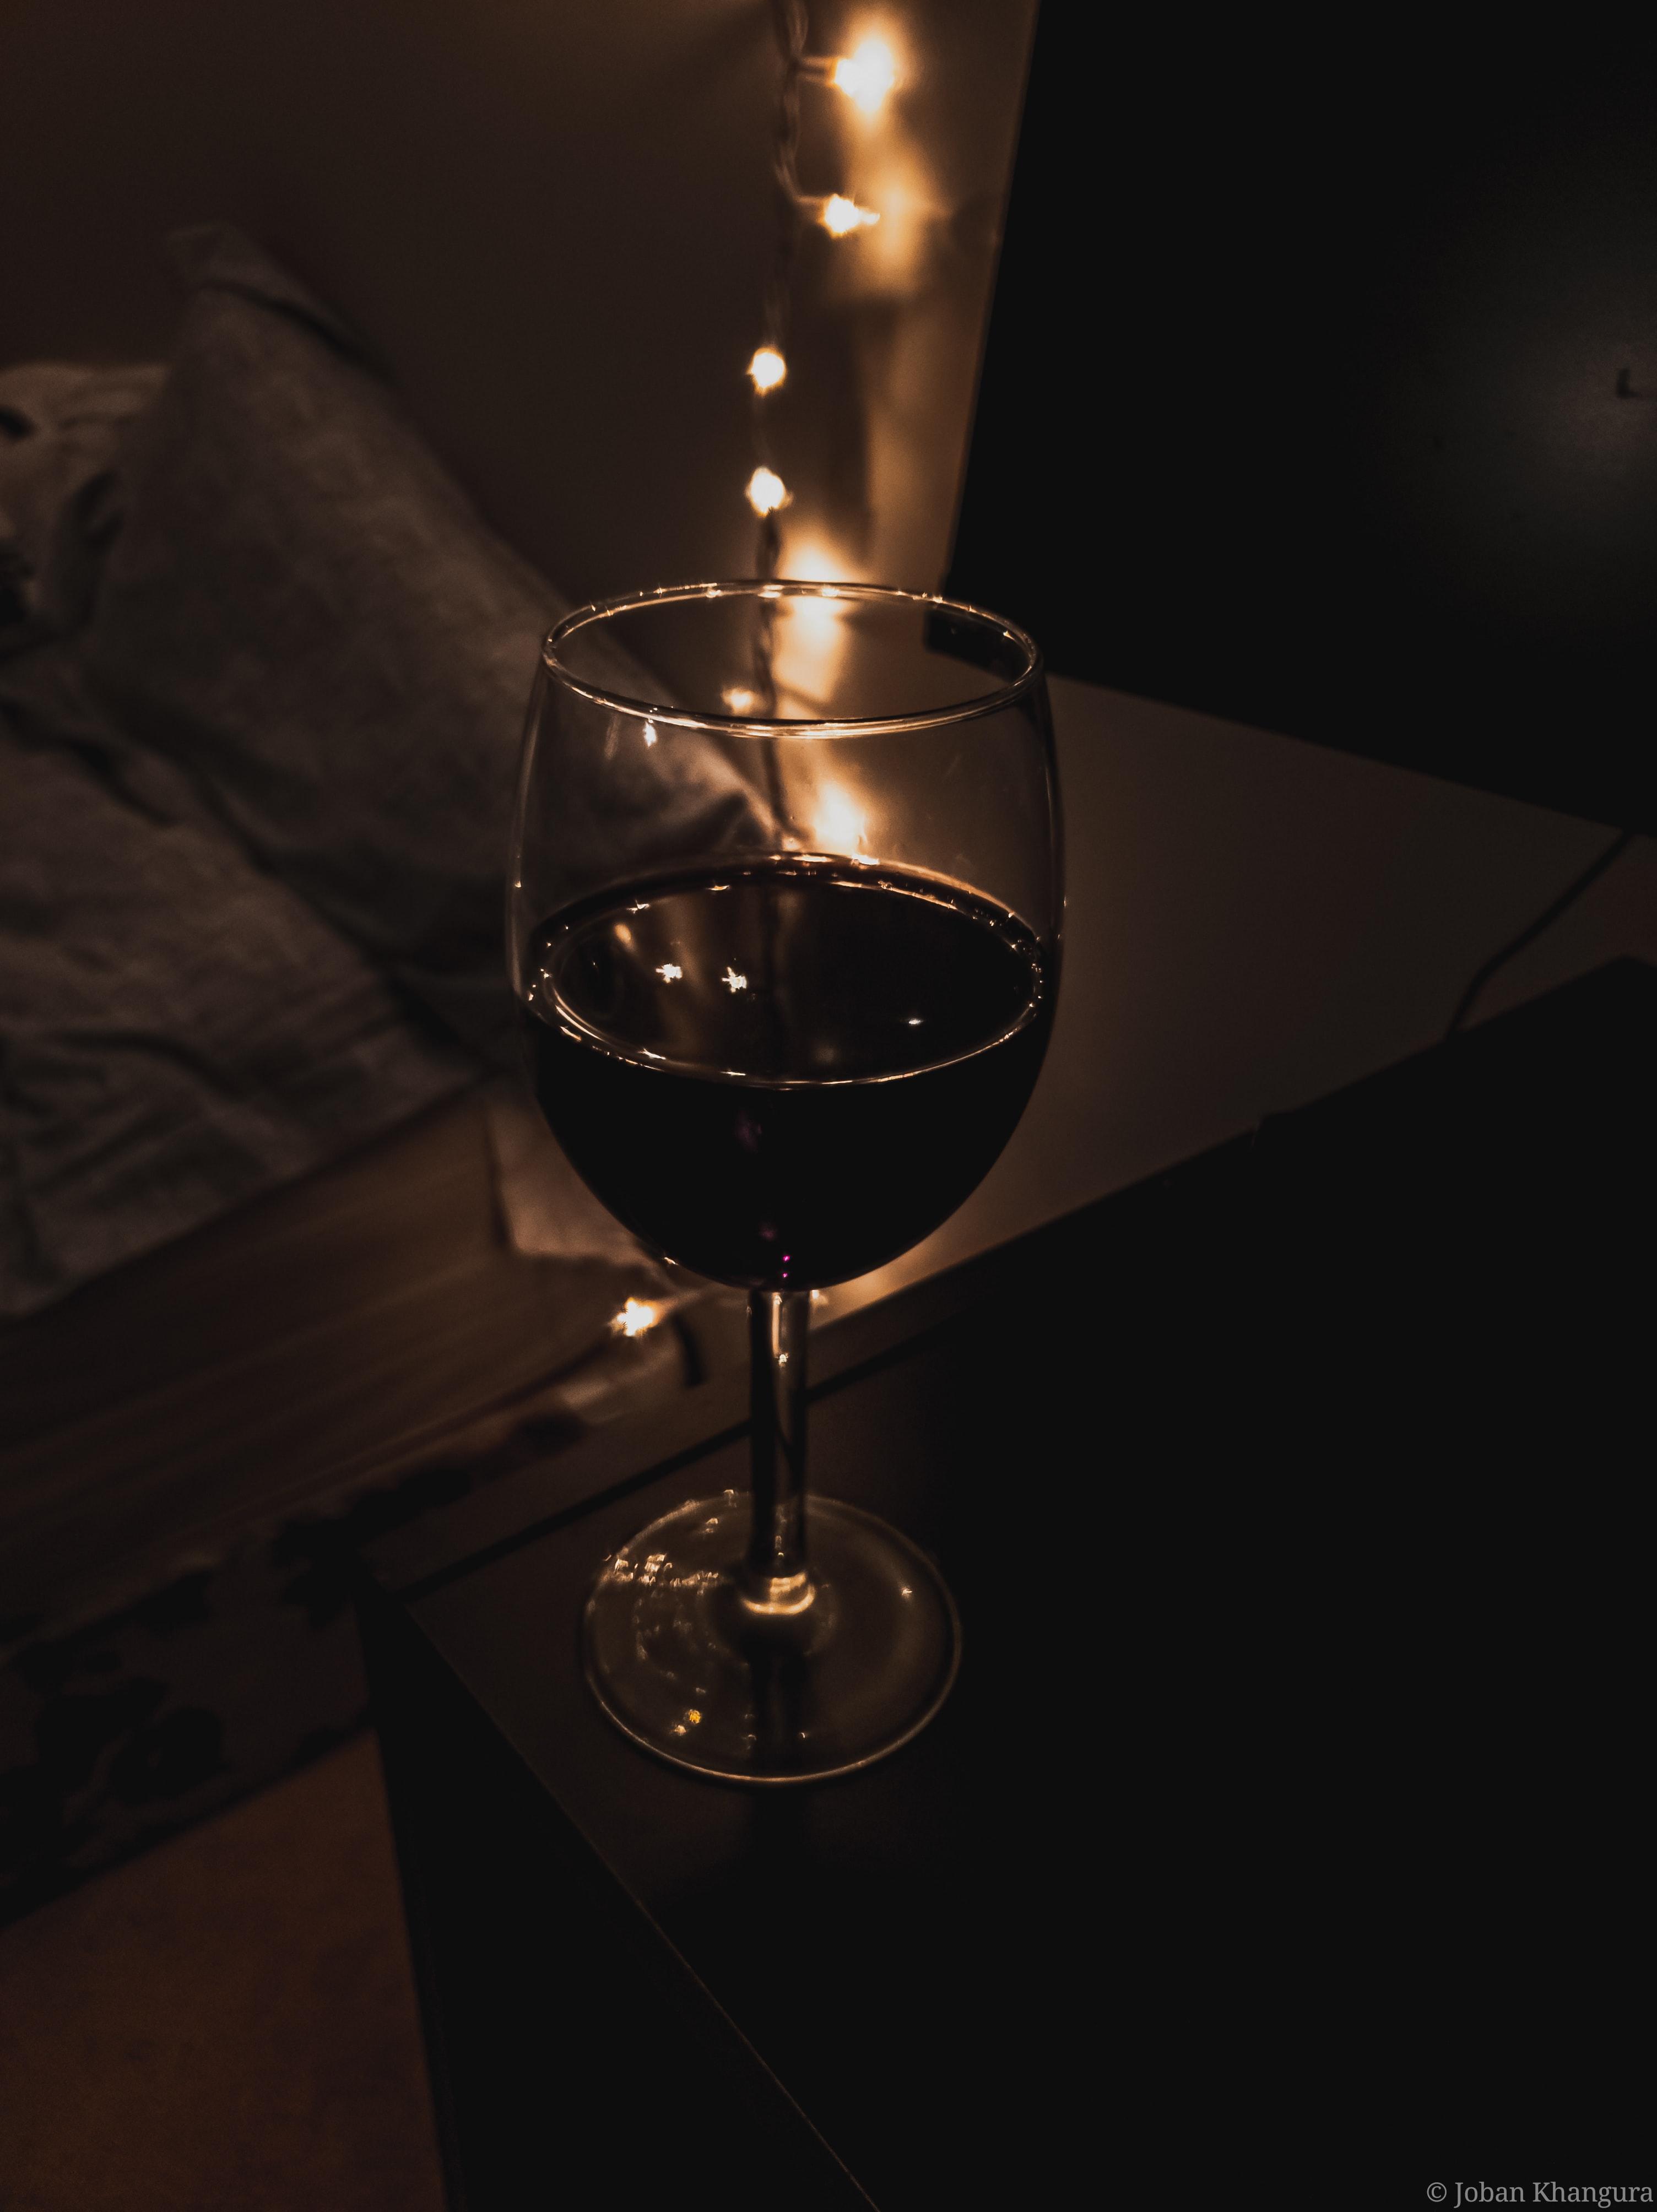 Një gotë verë çdo mbrëmje, ja përfitimet…